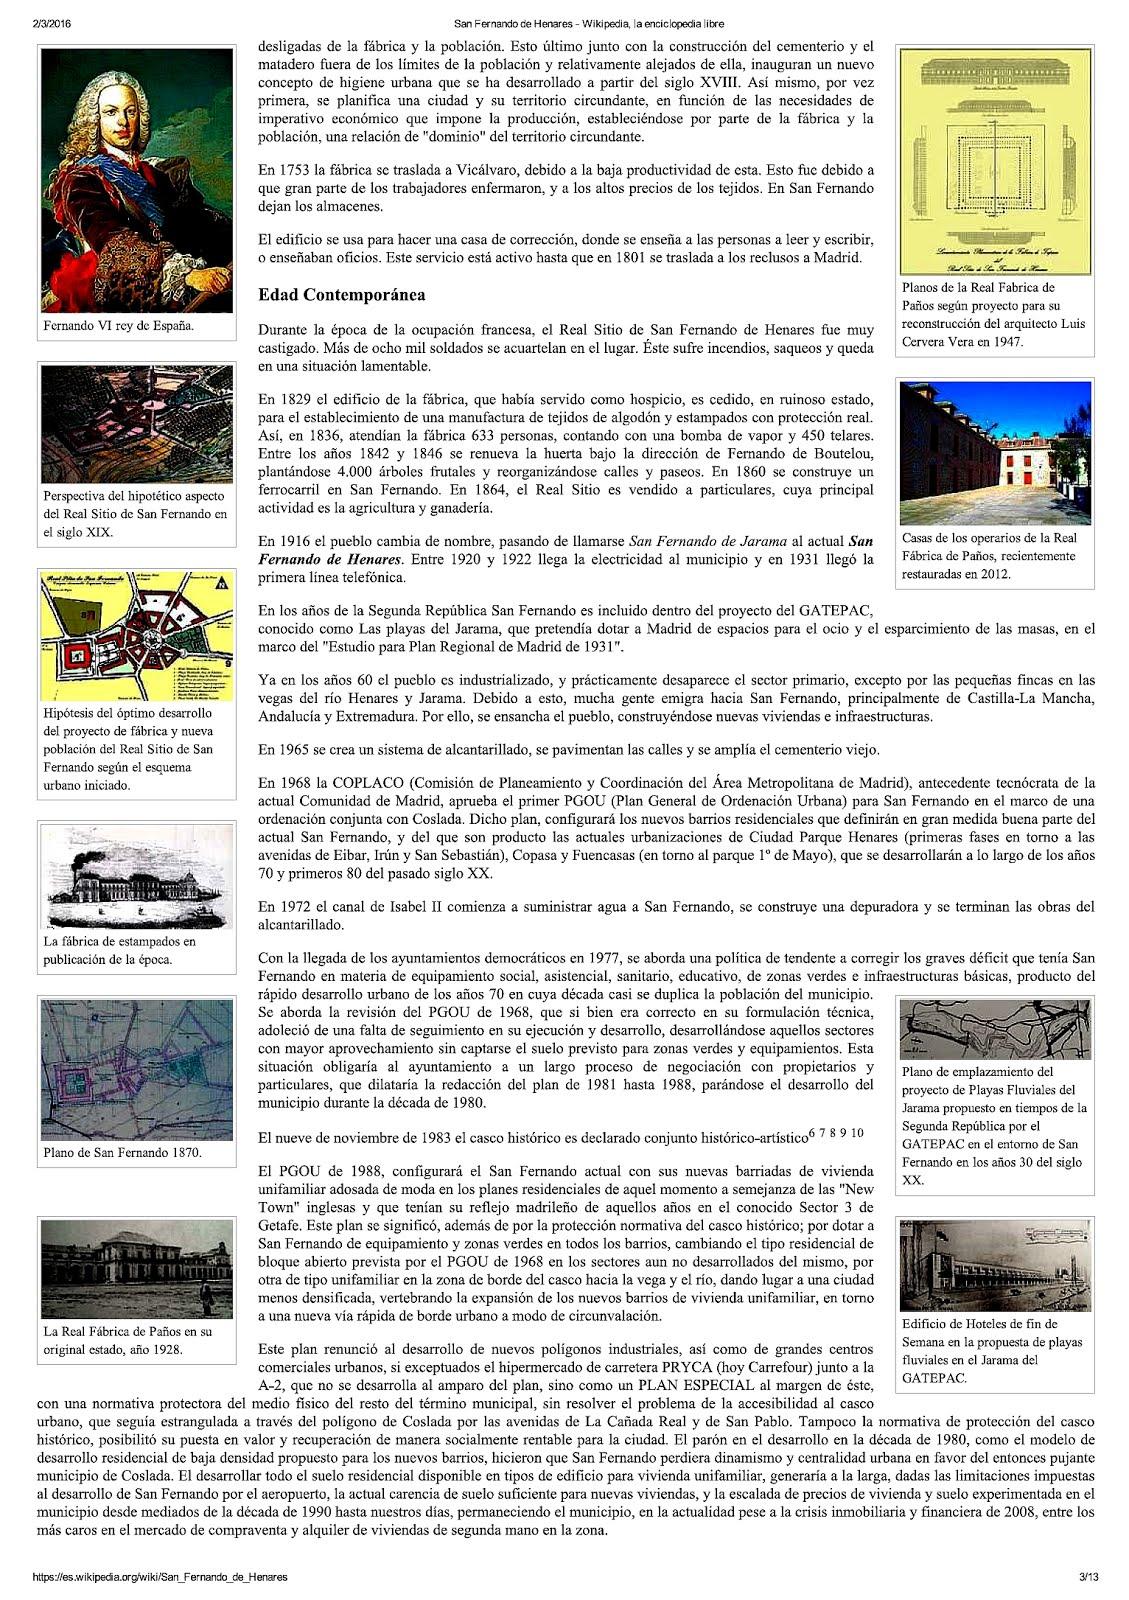 San Fernando en Wikipedia 2016.3